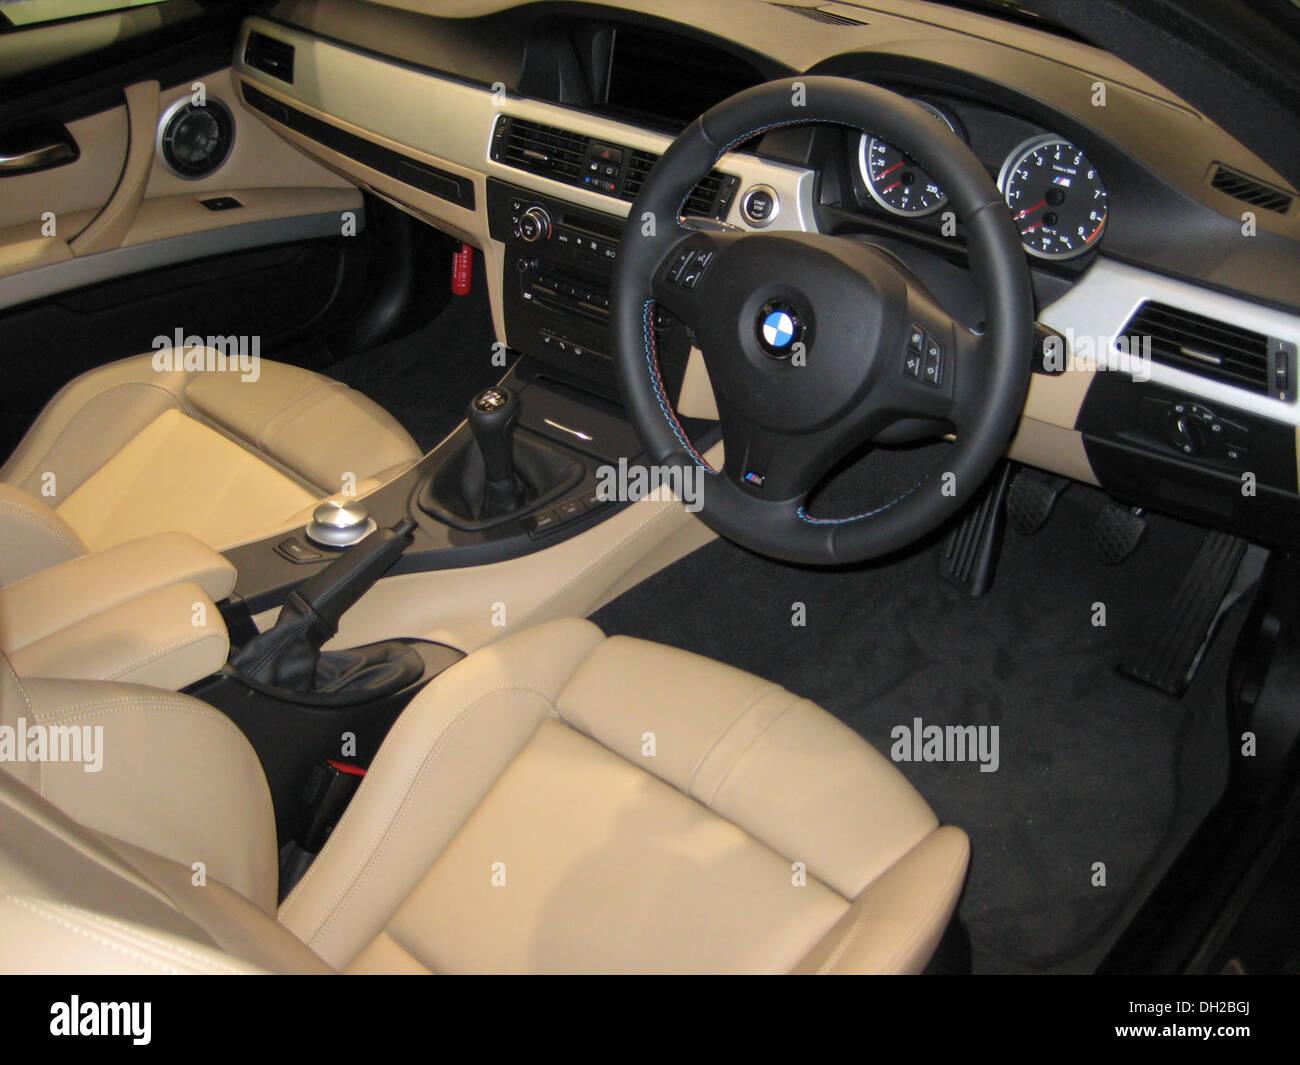 BMW E92 M3 Coup Interior Nice Design